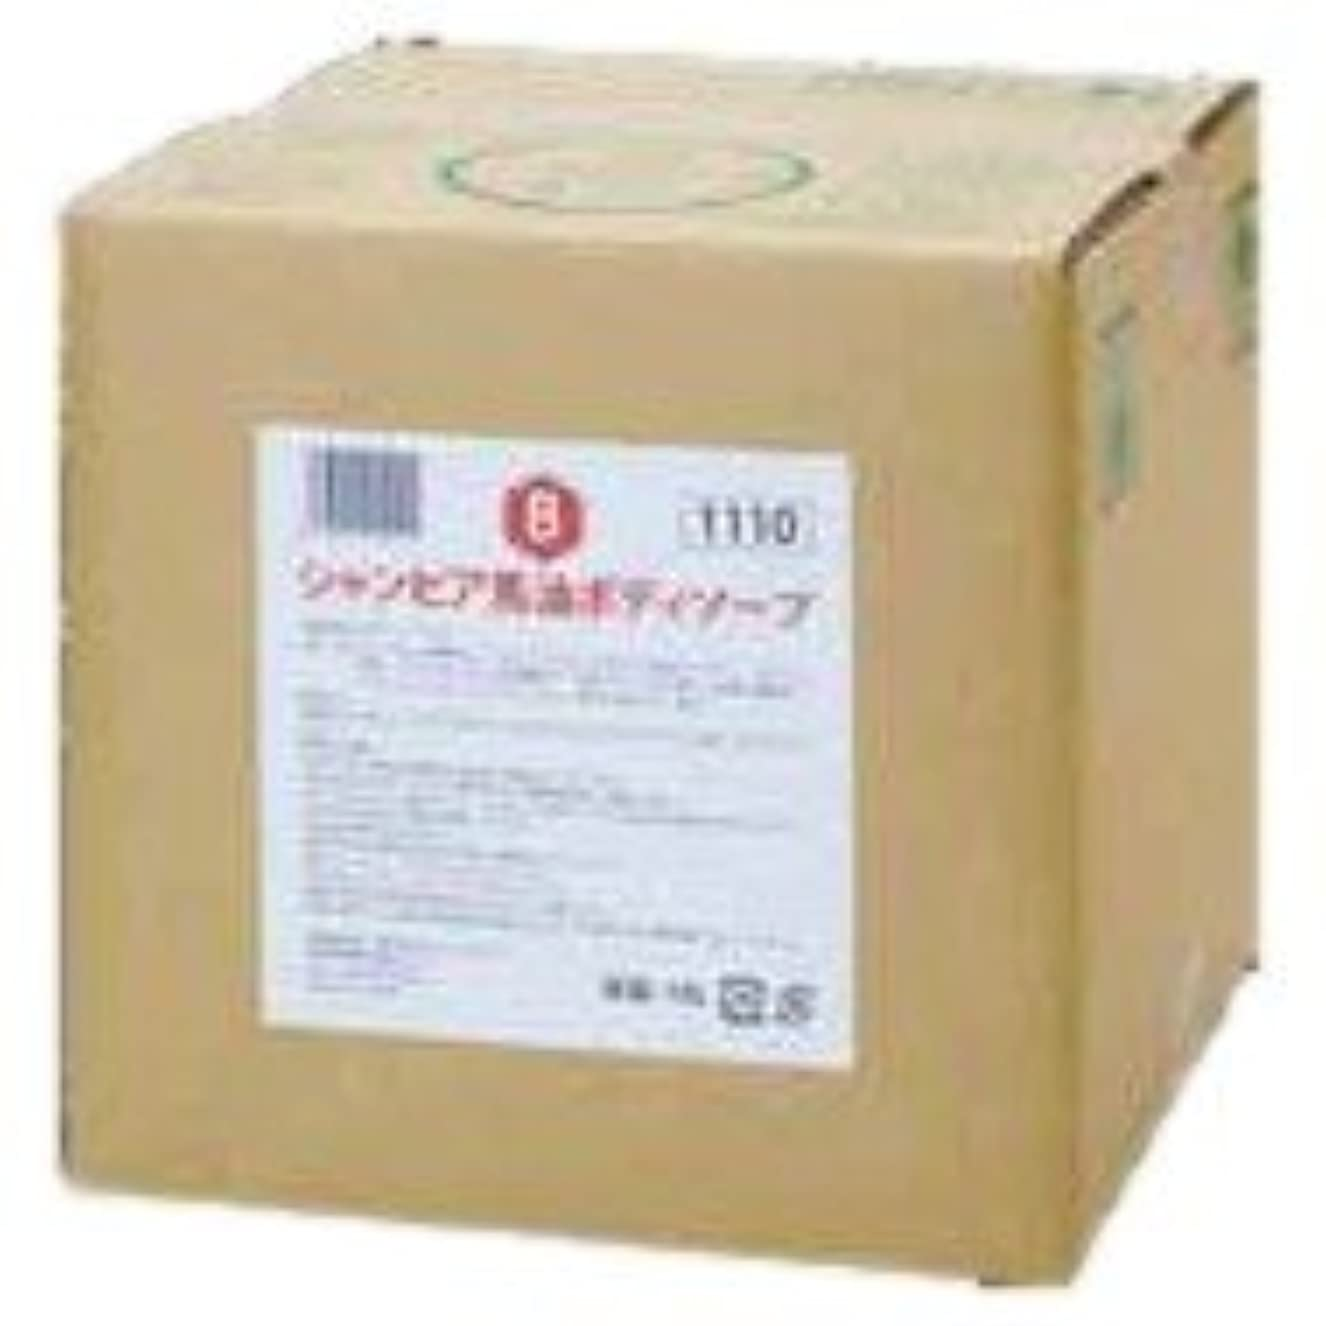 特徴遵守する洗うシャンピア馬油 ボディソープ 18L